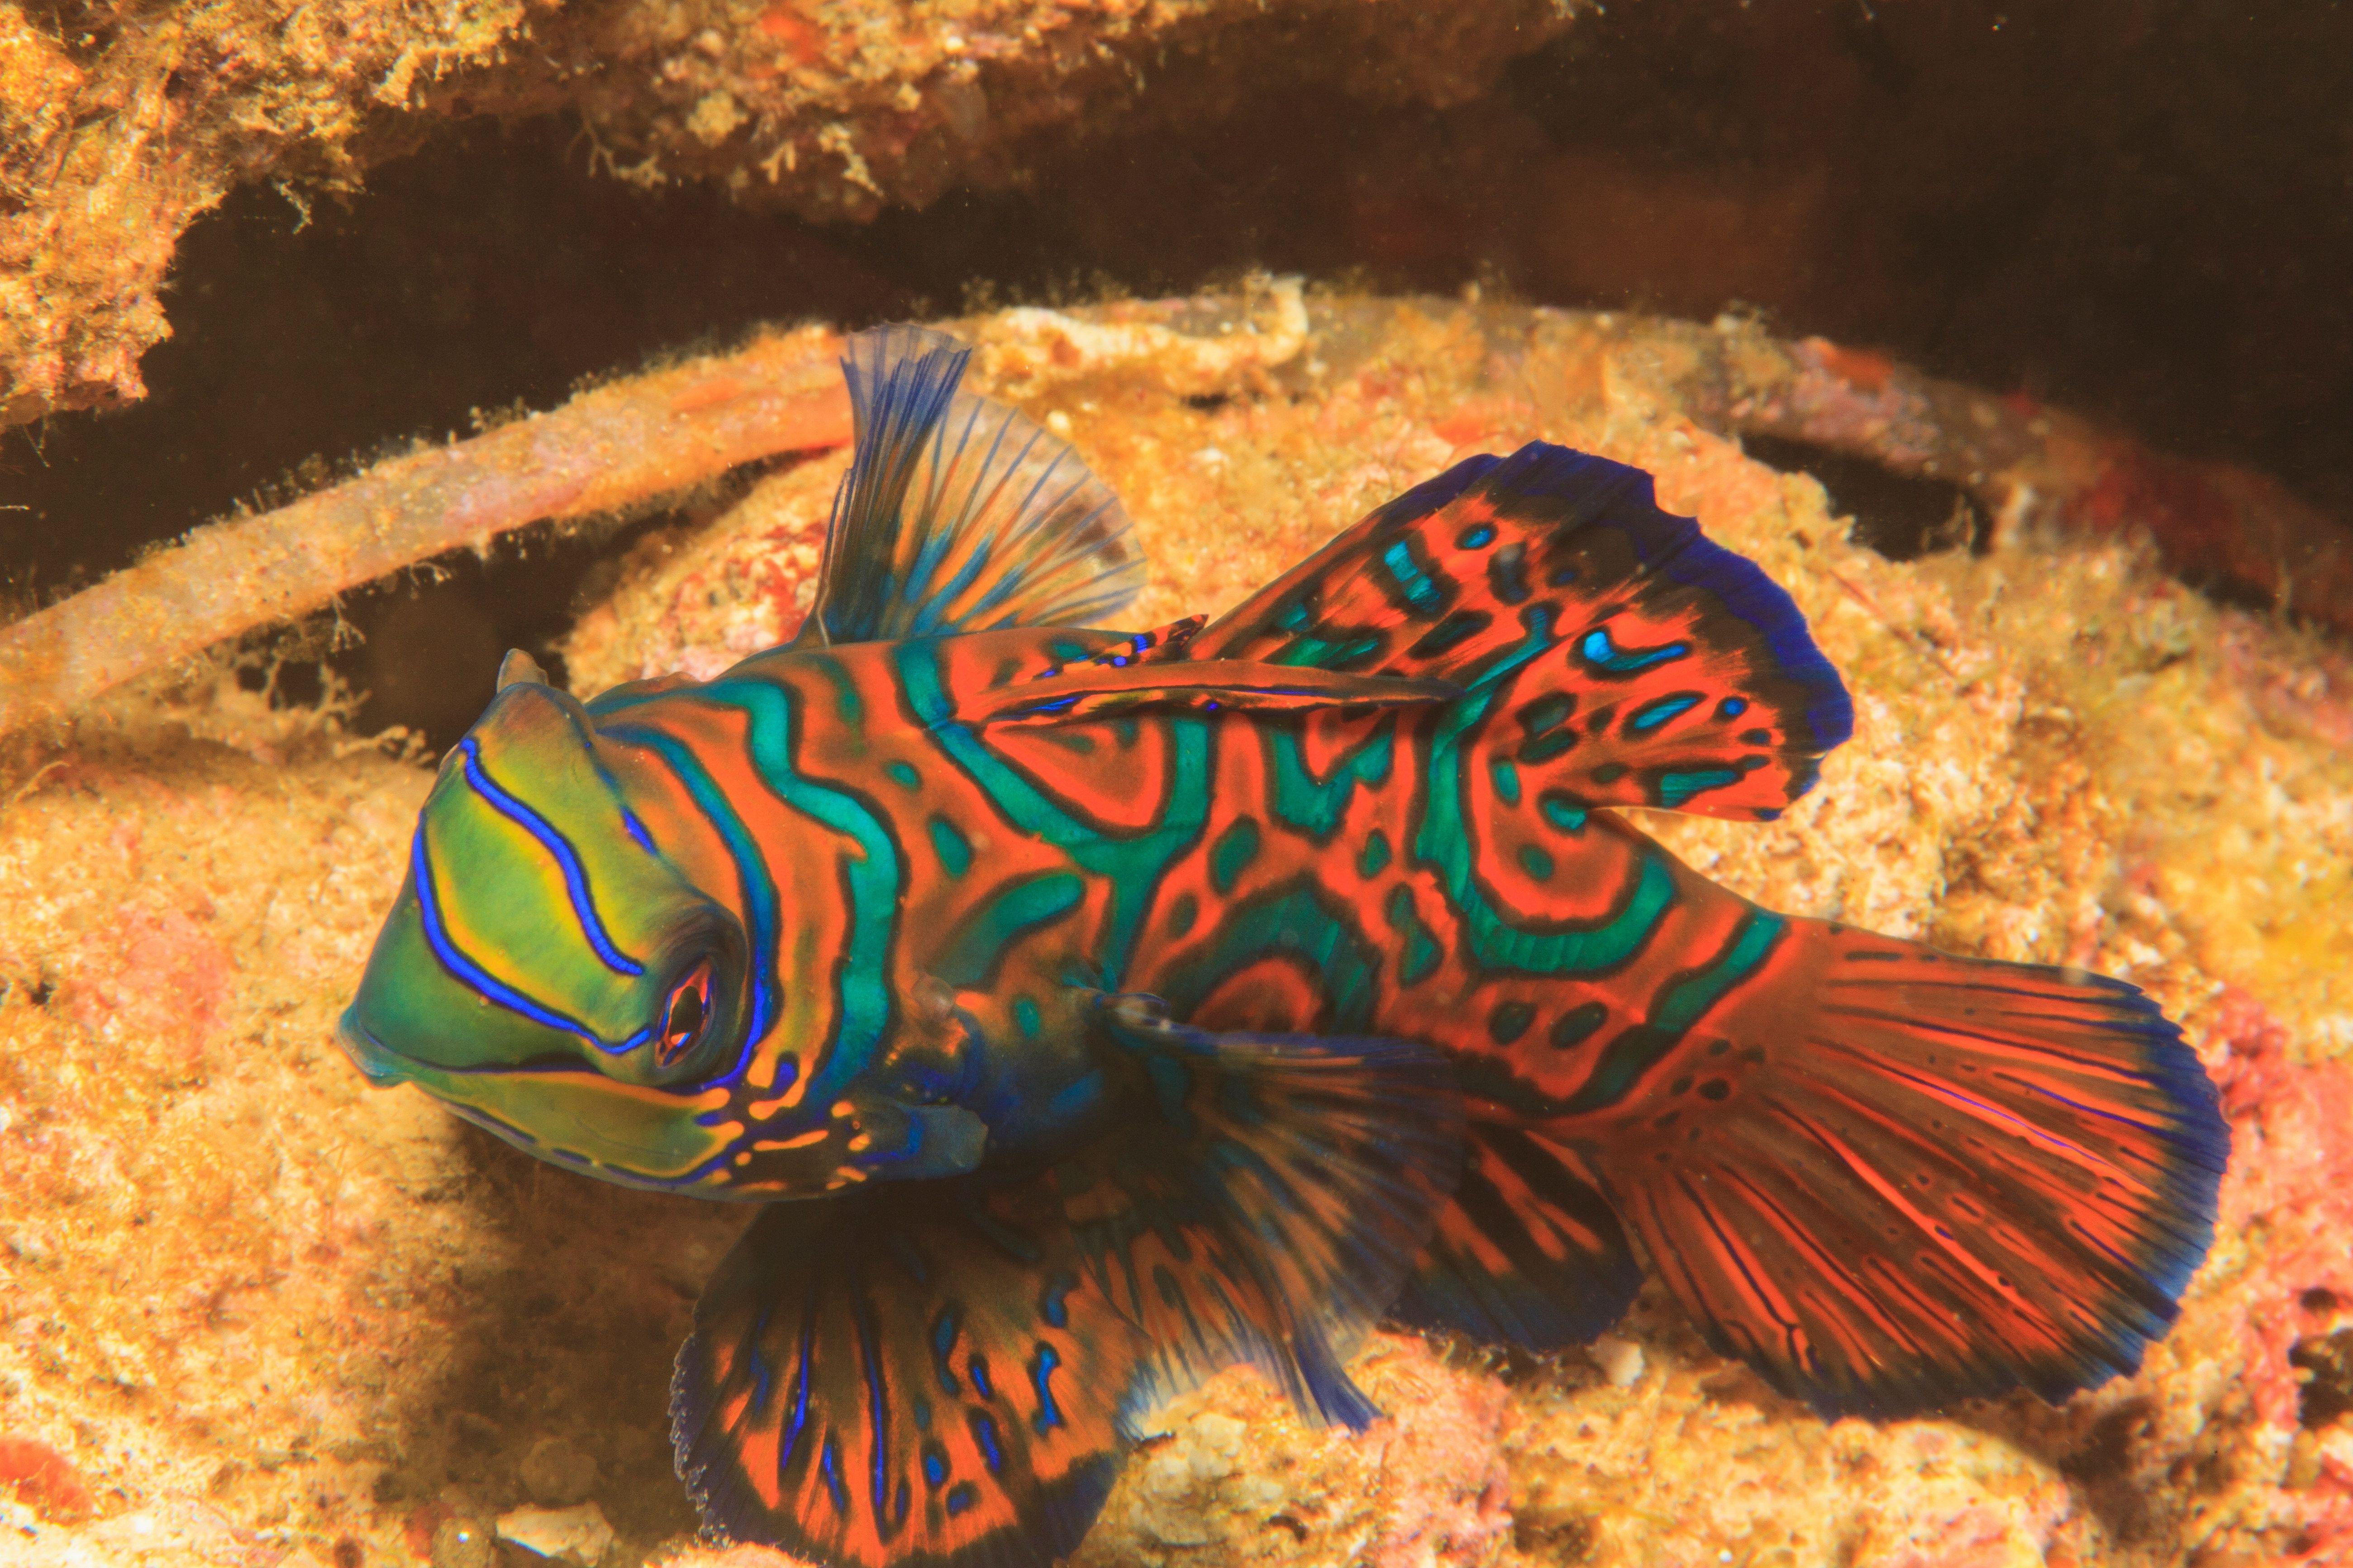 Mandarinfish swimming in coral reef